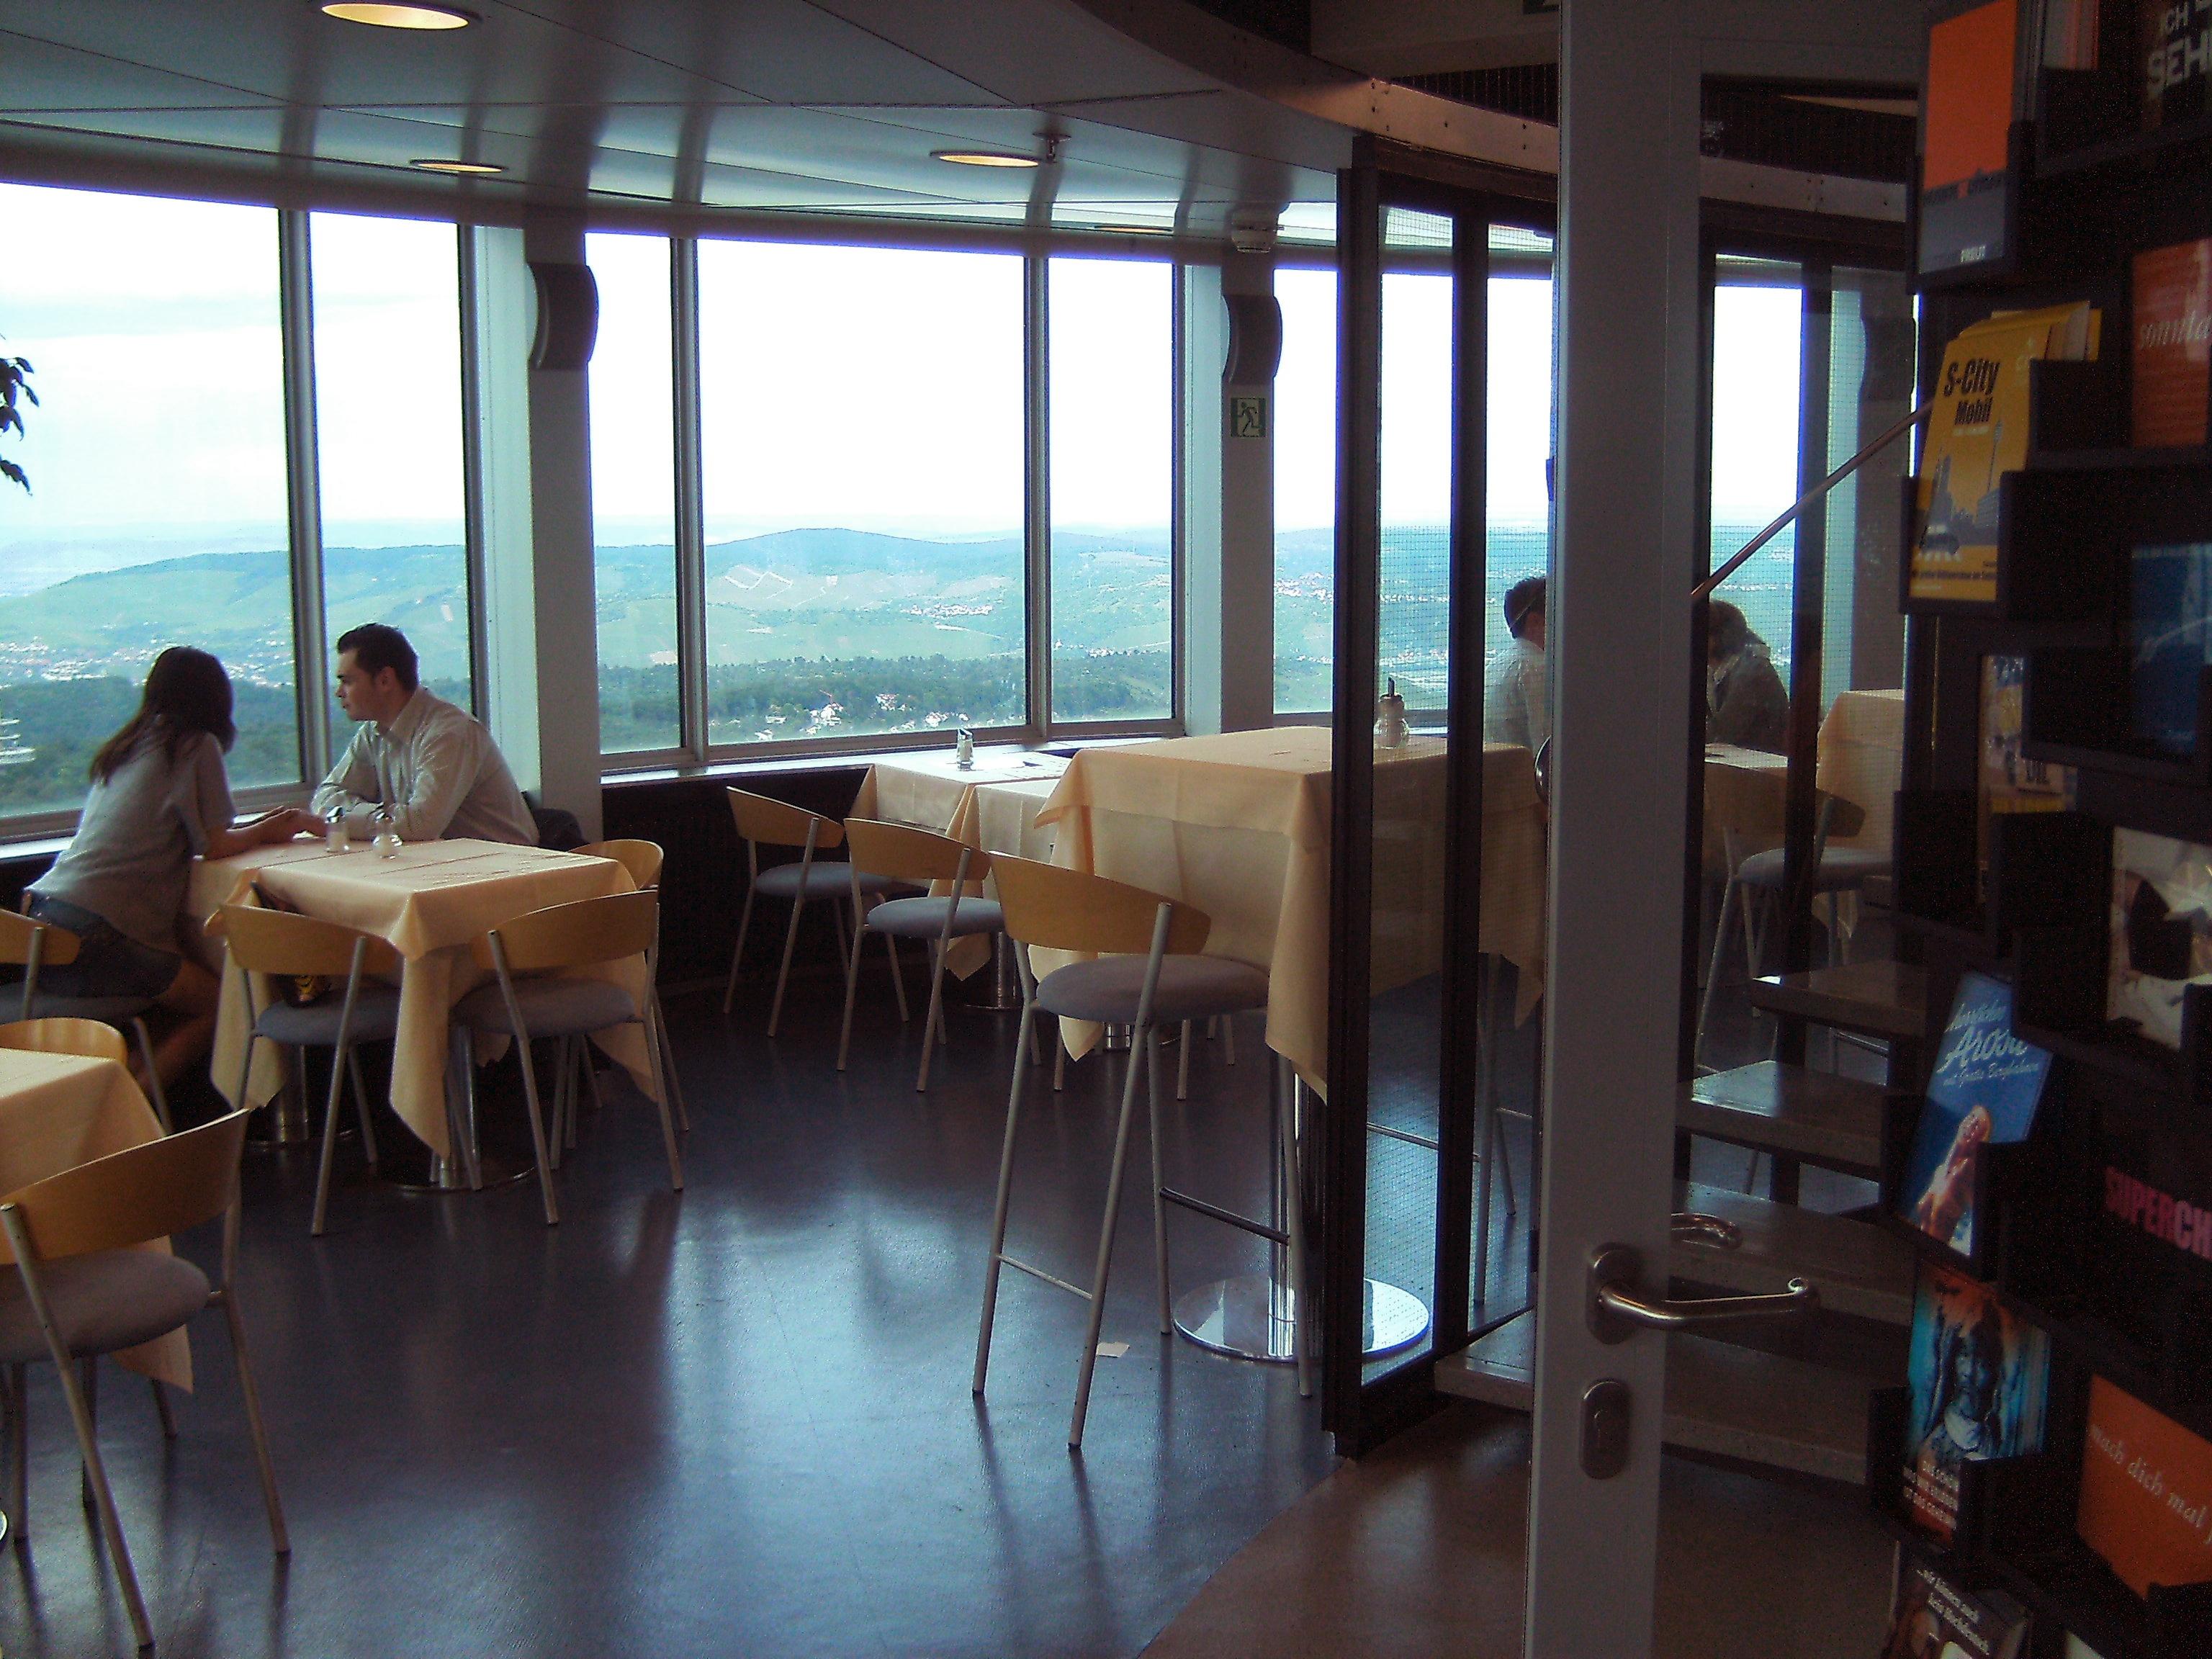 Cafe In Stuttgart Haus Der Sch Ef Bf Bdnen K Ef Bf Bdnste